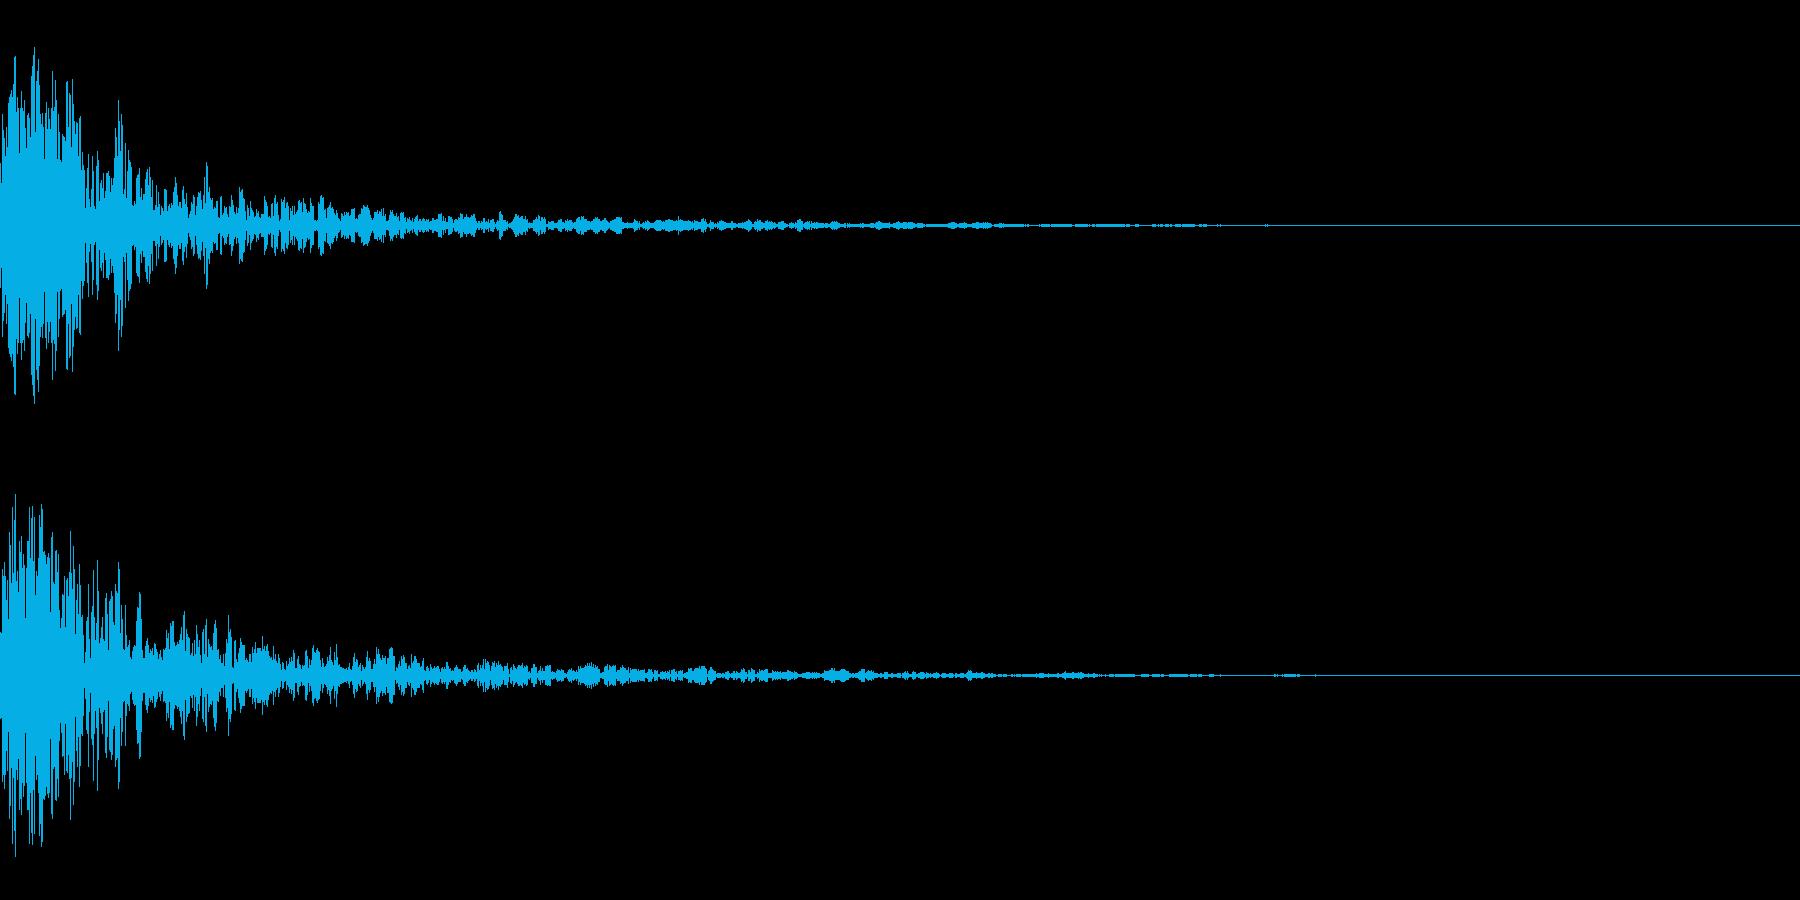 ドーン-52-1(インパクト音)の再生済みの波形